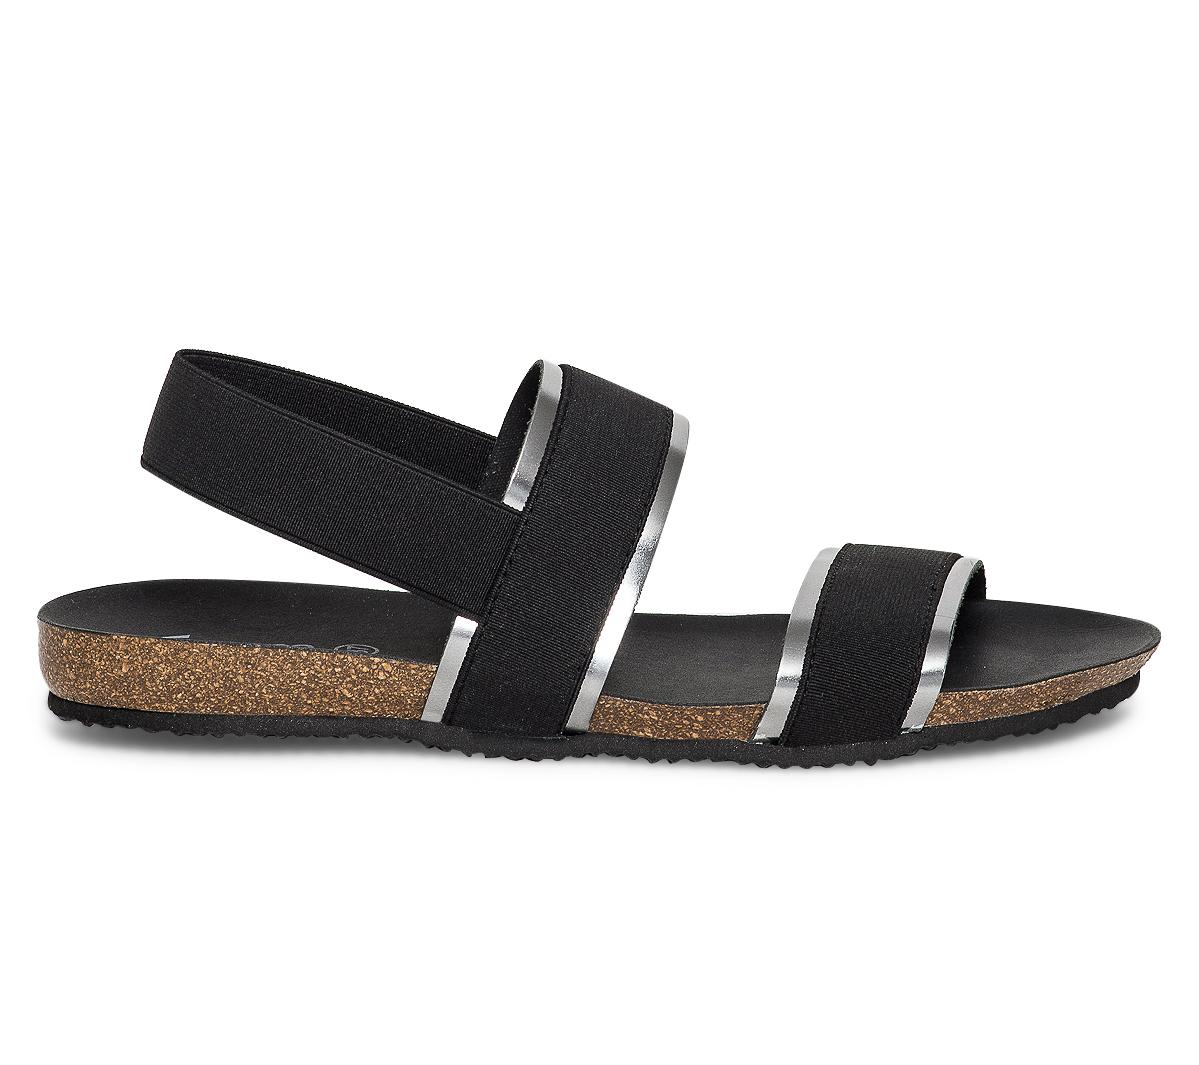 Esprit Eram Eram Noire Sandale Esprit Sport Noire Sandale hBtCQrdxs